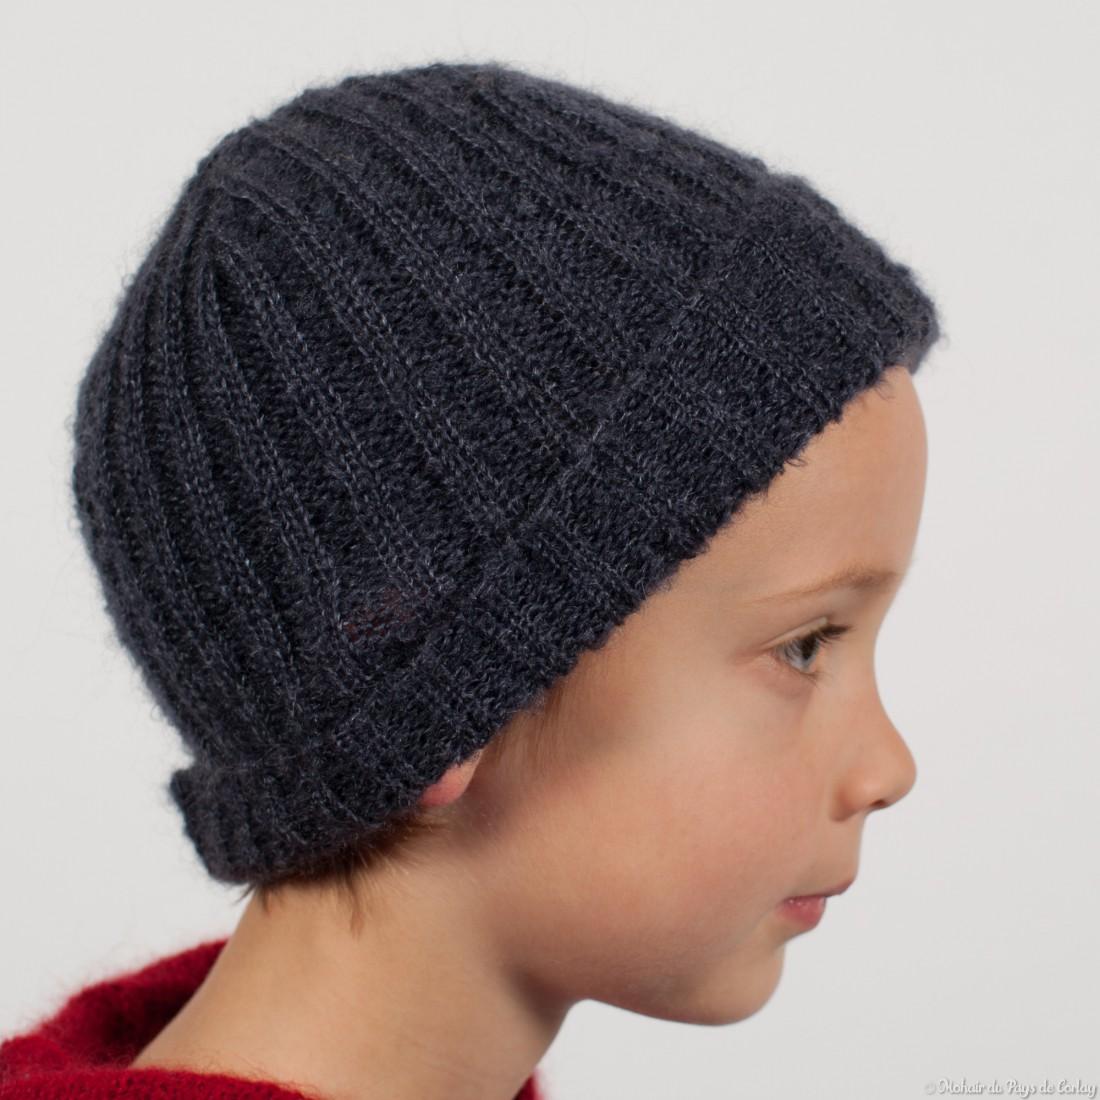 quantité limitée Livraison gratuite dans le monde entier style unique Bonnet côtes 2/2 enfant mohair et soie